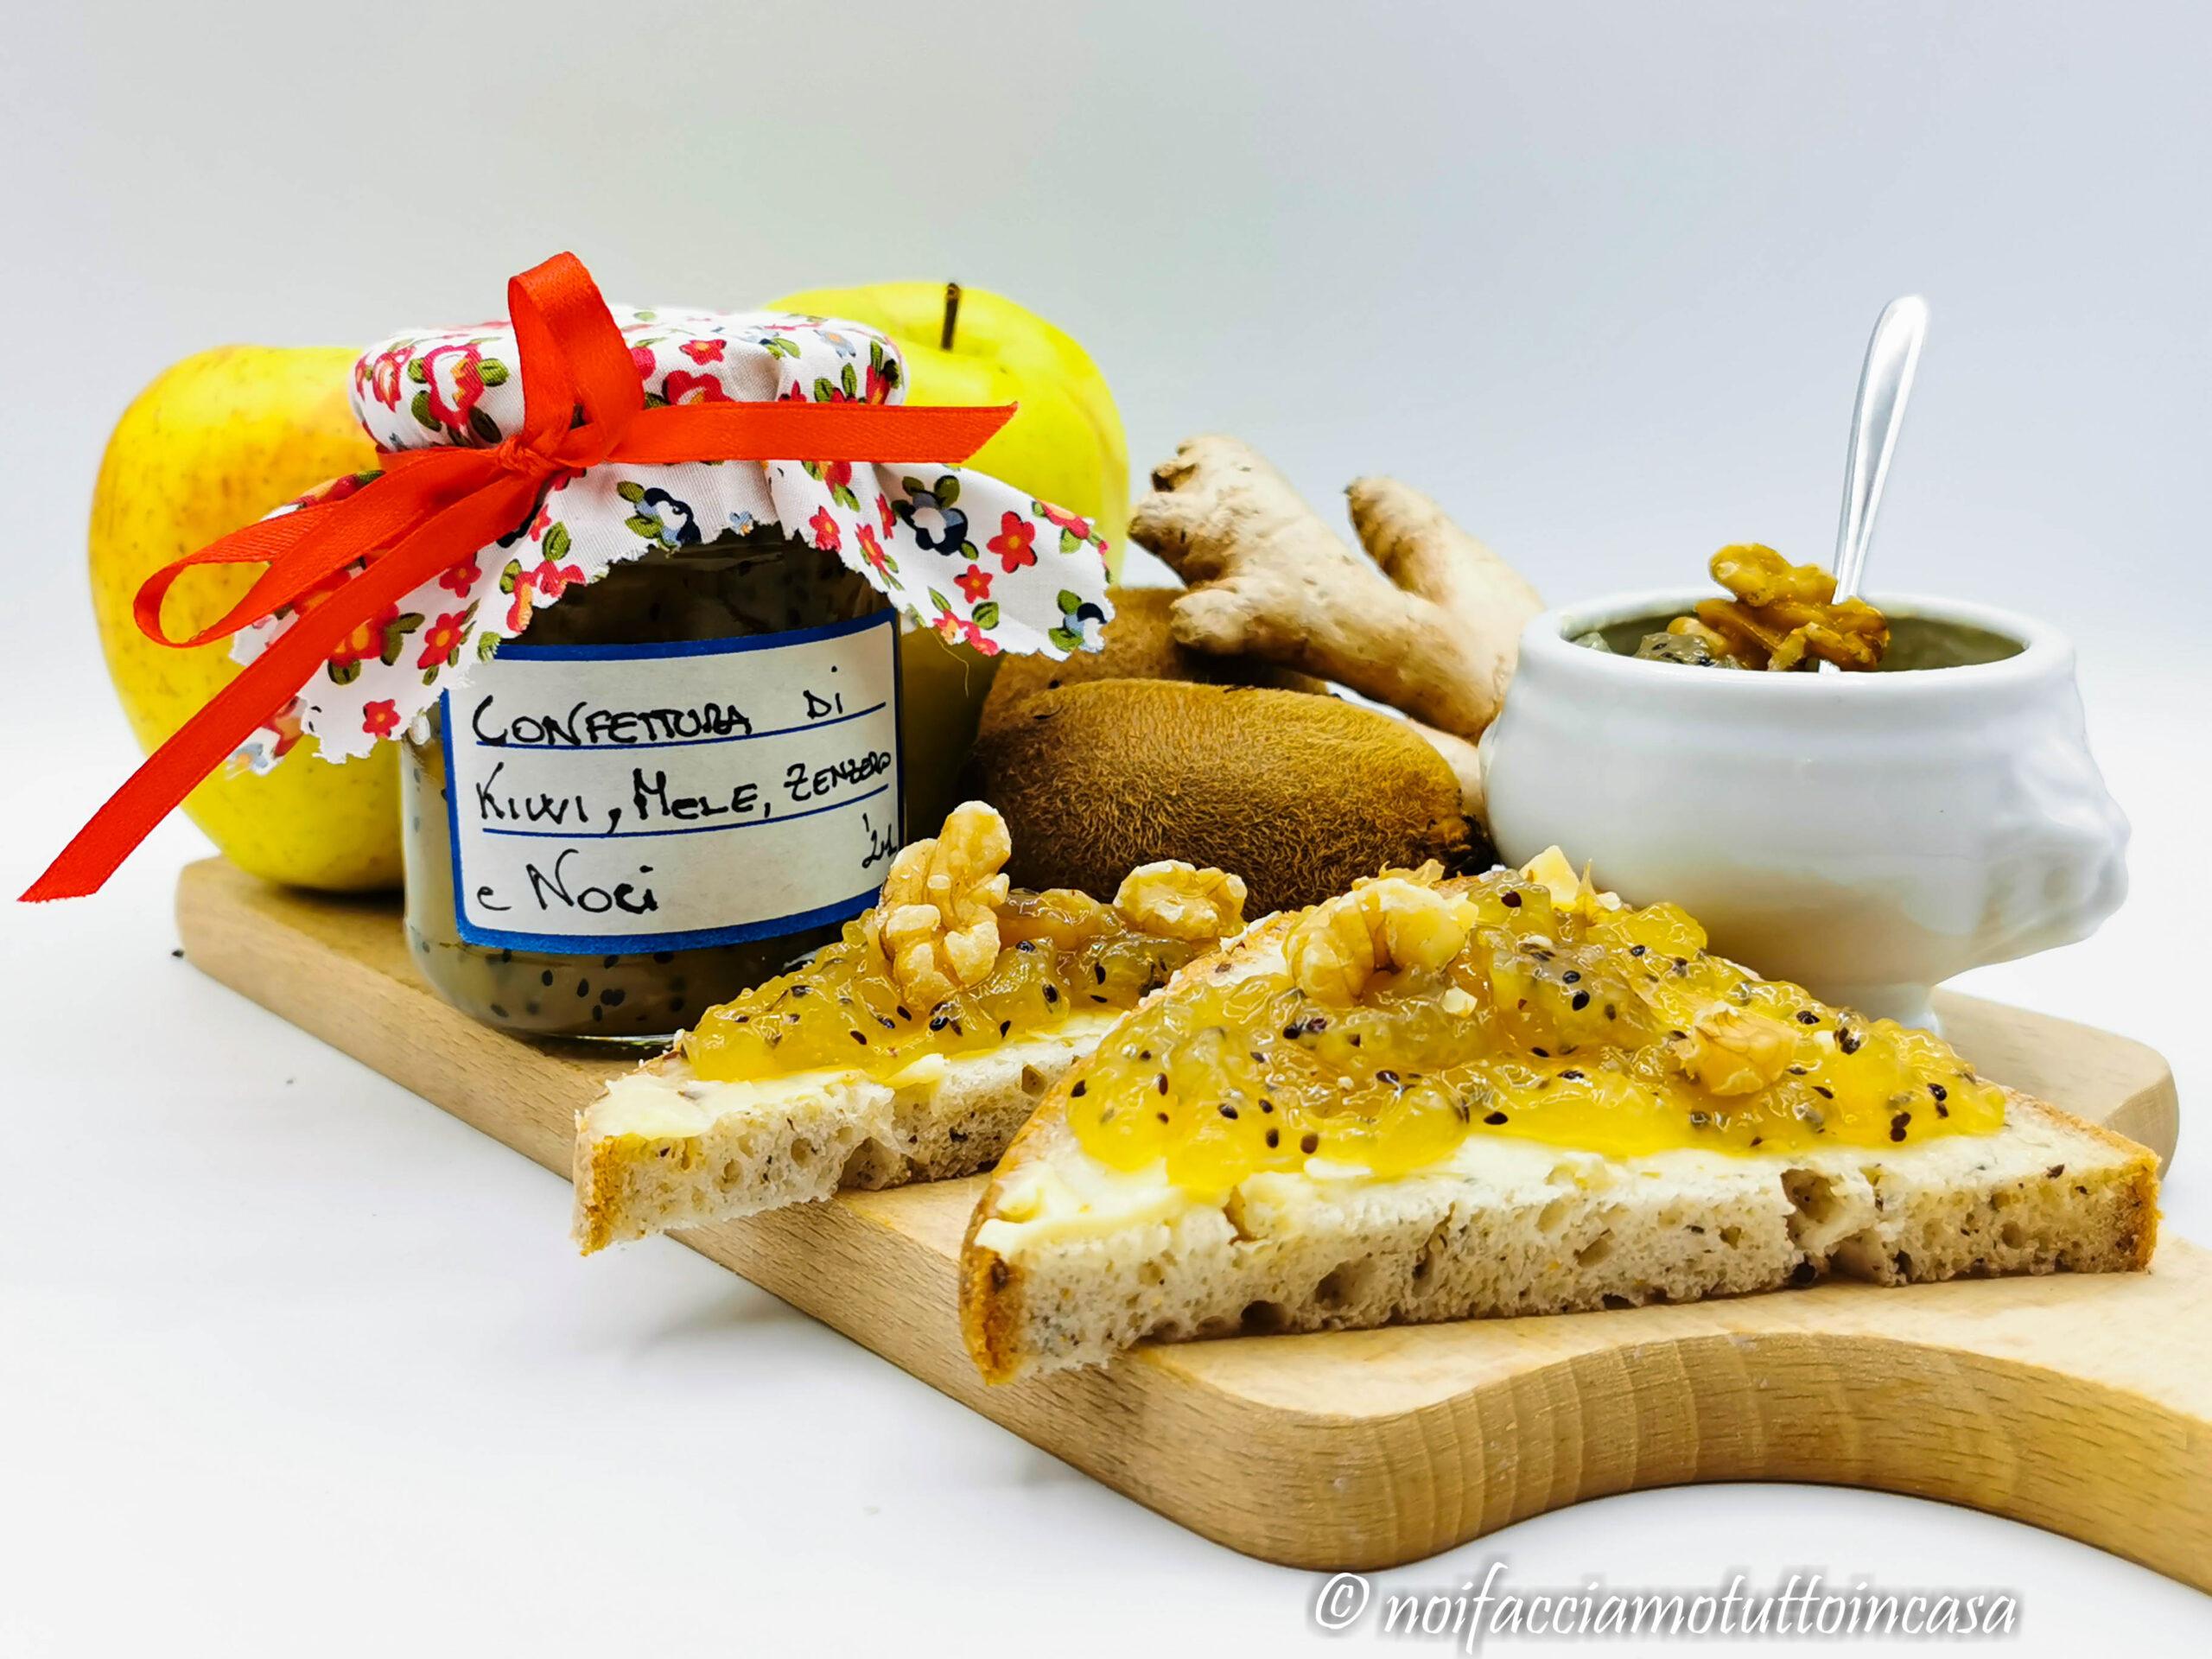 Confettura di kiwi mele zenzero e noci Facile